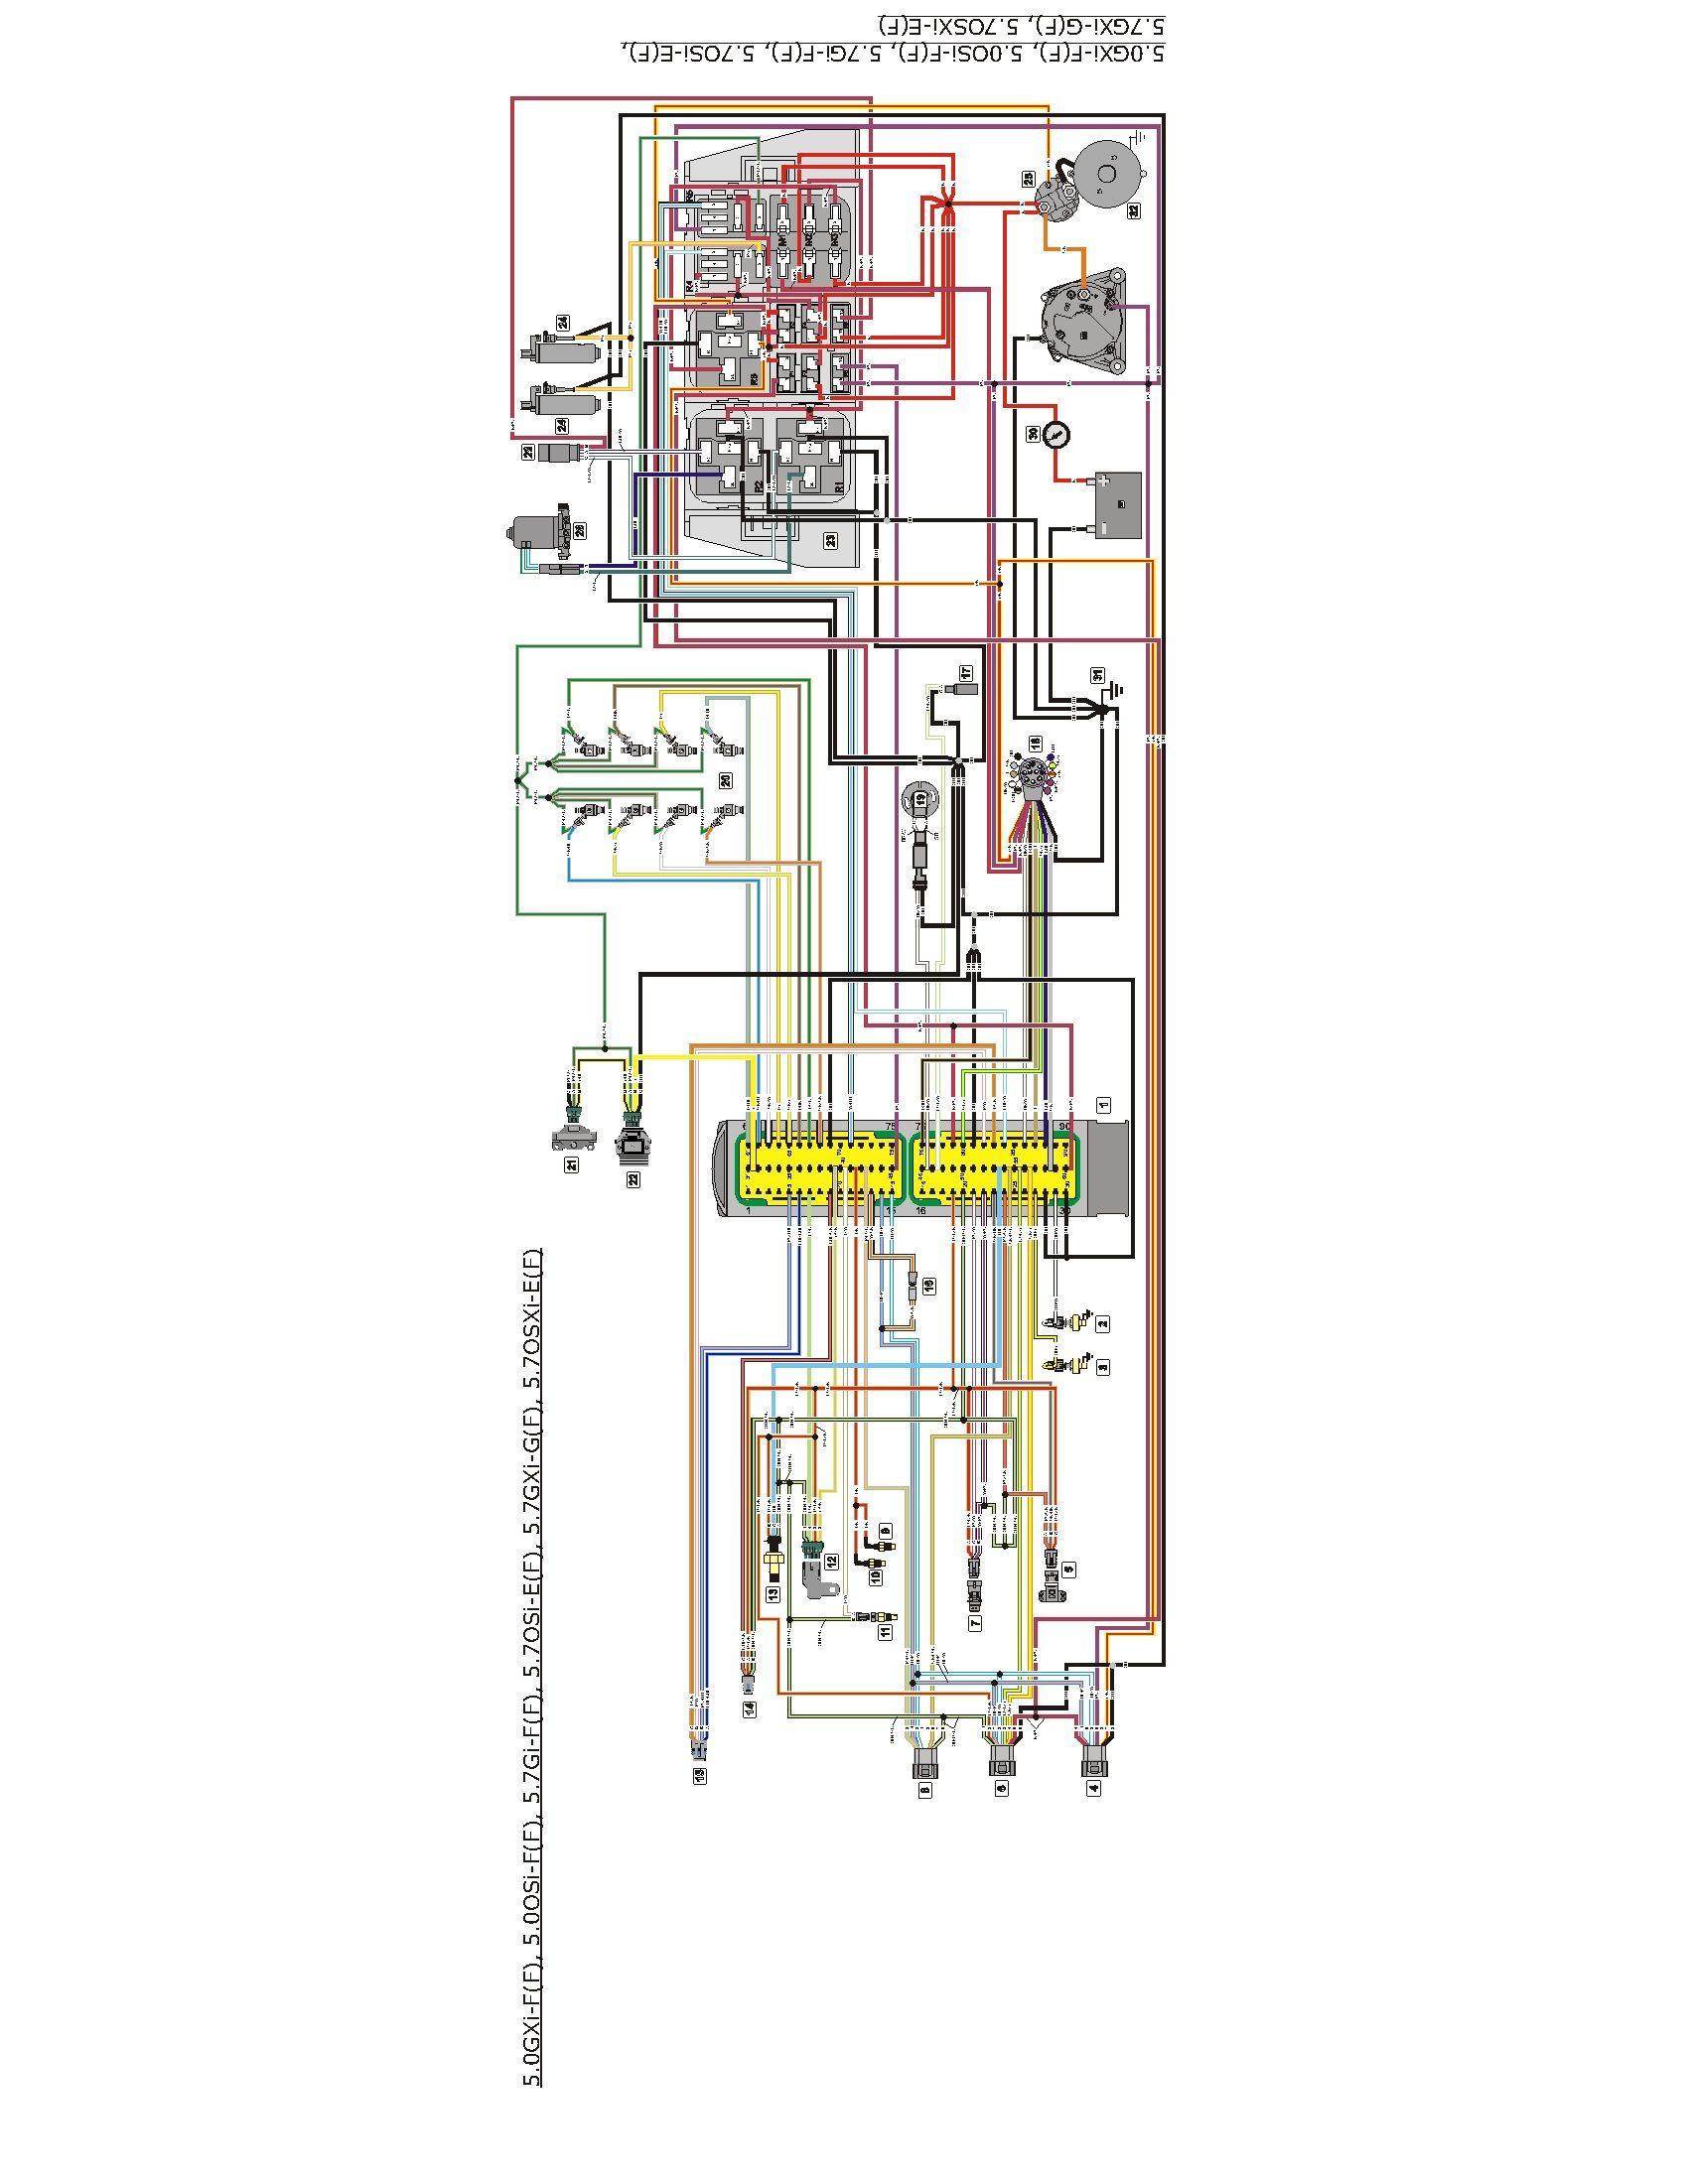 Volvo Penta 57 Engine Wiring Diagram | Boat | Volvo, Boat